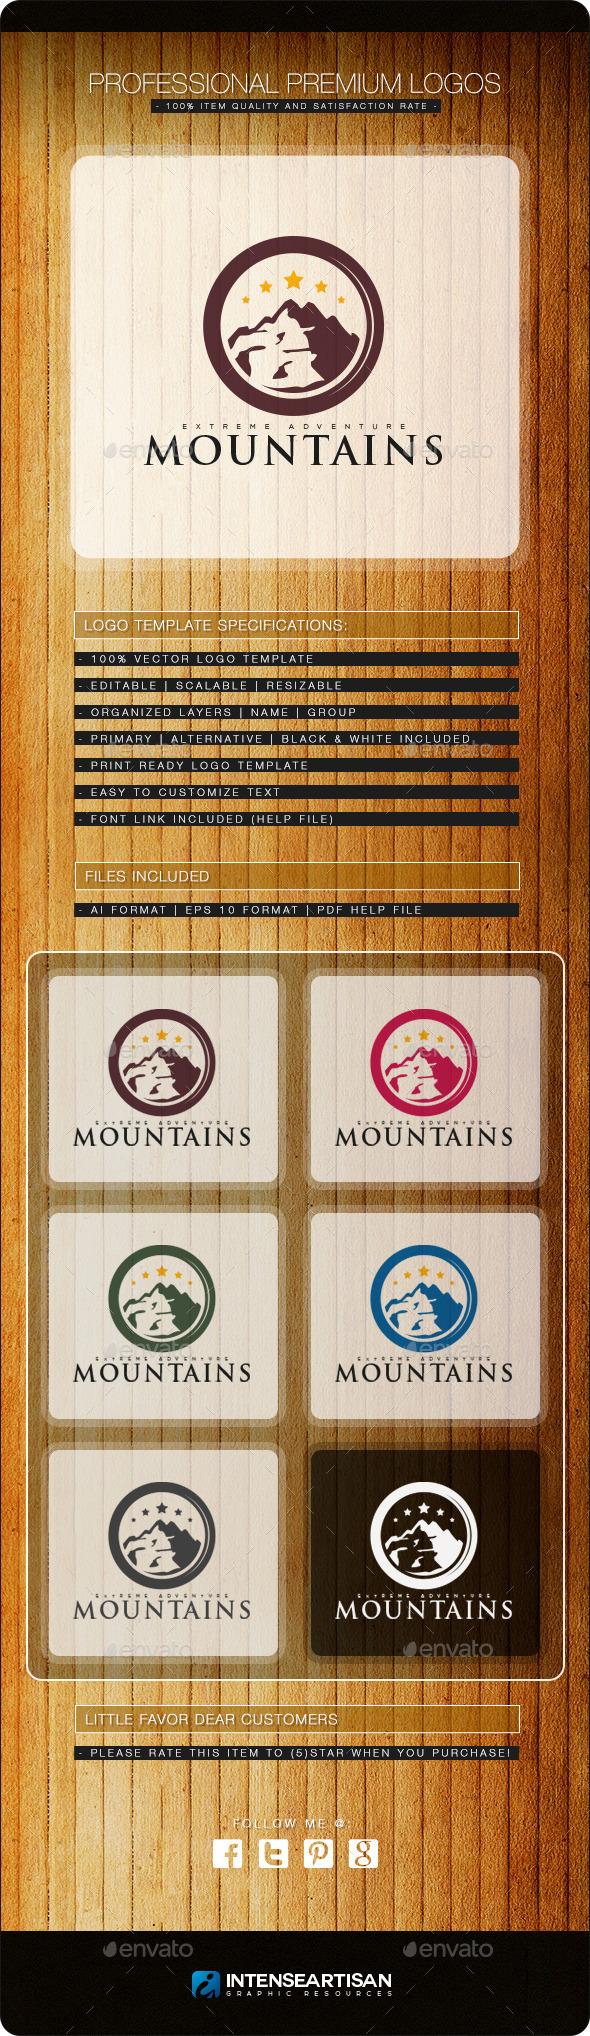 Mountain V.2 Logo Template